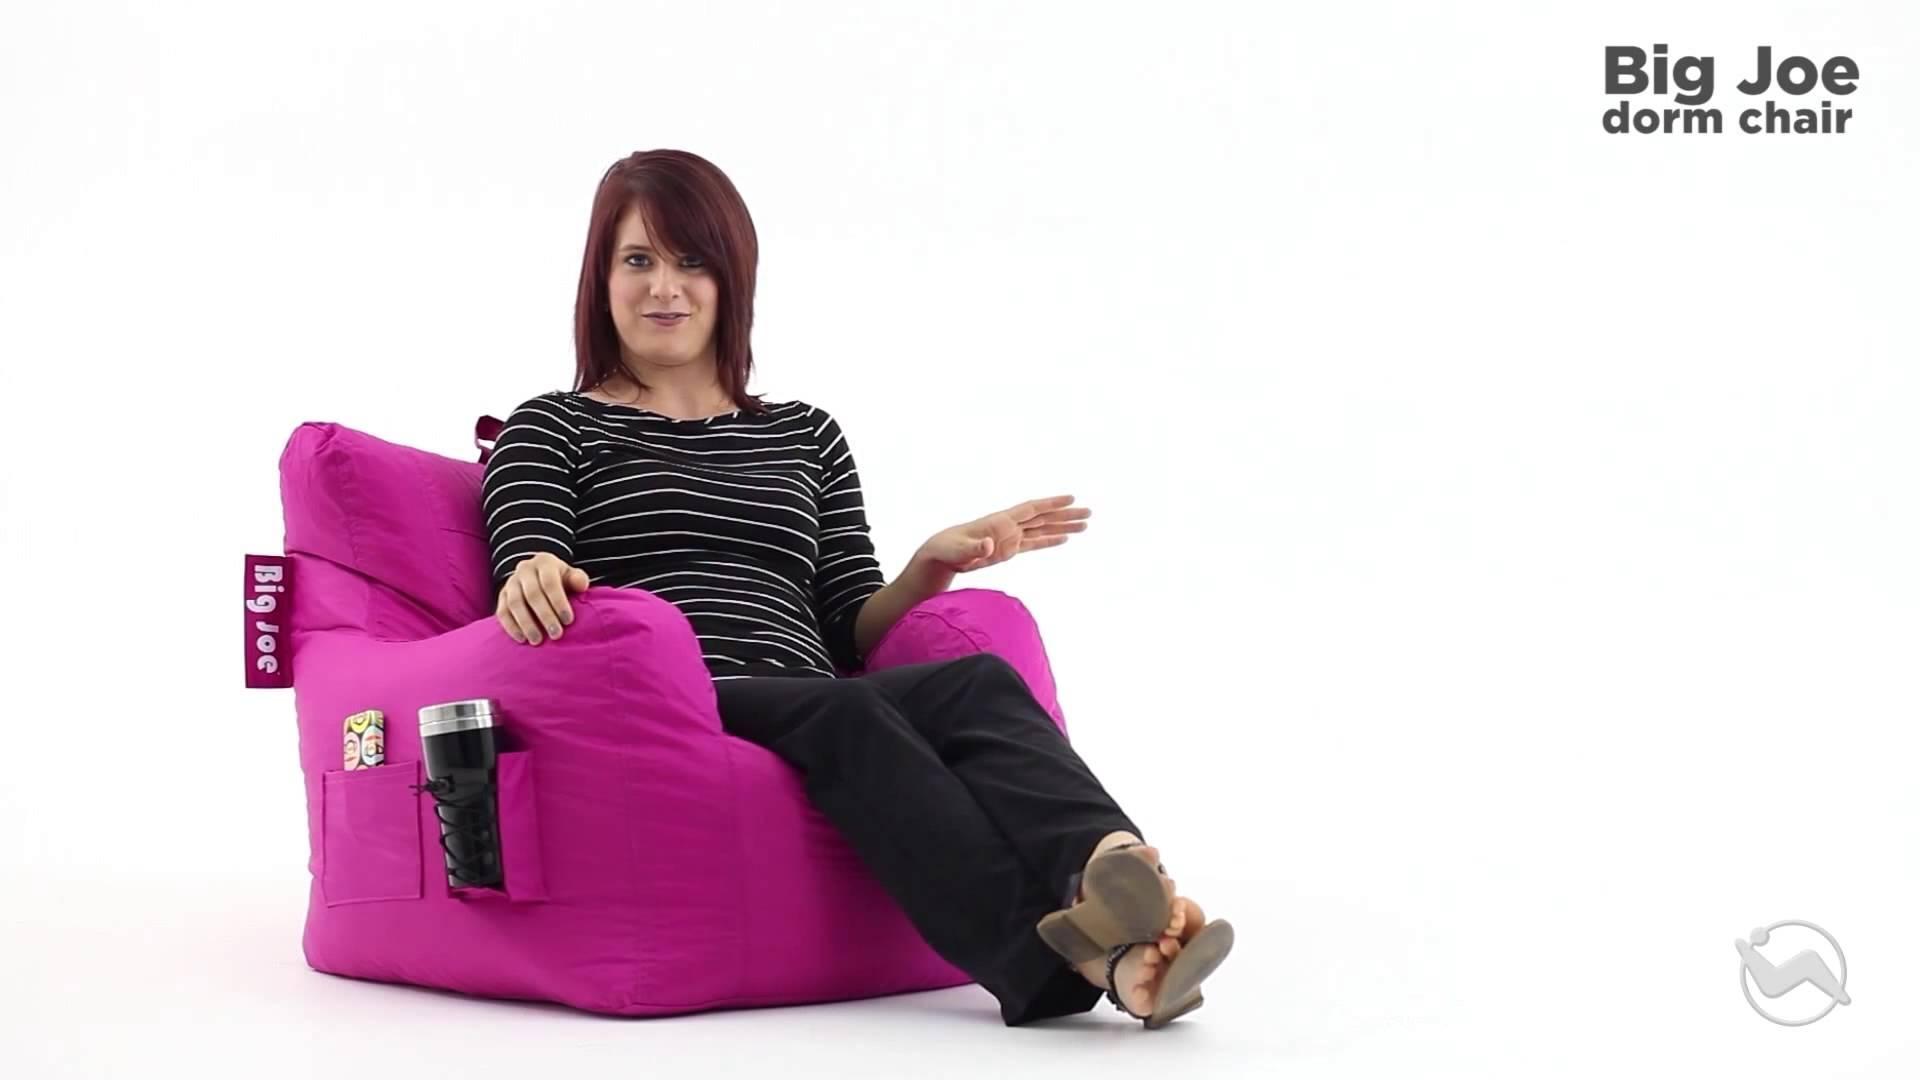 Sectionals Scandinavian Designs Big Joe Modular Sofa ~ Hmmi With Regard To Big Joe Modular Sofas (View 15 of 20)